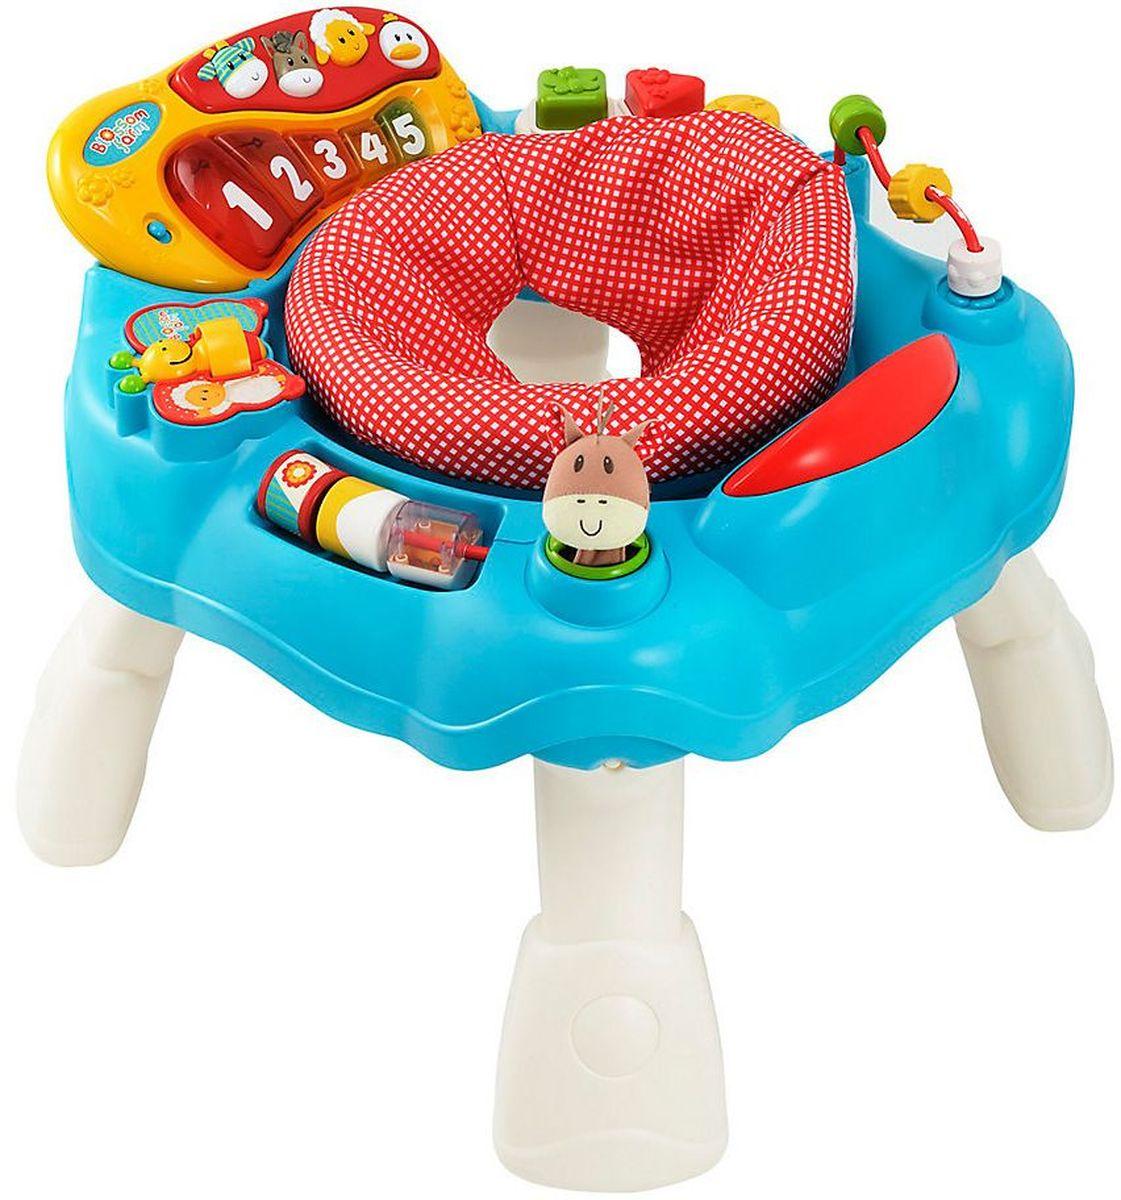 ELC Игровой центр Цветочная ферма140072Яркий игровой развивающий центр ELC обязательно понравится вашему малышу и доставит ему массу положительных эмоций. Игровой набор ELC - это оригинальная версия развивающего столика со встроенными игрушками. На поверхности столика: клавиатура с пятью веселыми мелодиями и звуками животных, книжечка-бабочка, безопасное зеркальце, бусы, сортер и погремушка. Сравнивая цвет и размер разнообразных игрушек, ребенок развивает визуальное восприятие. Посредством различных действий - нажать, потянуть, удержать - ребенок тренирует координацию рук и глаз, мелкую моторику. Благодаря небольшому весу и съемным ножкам центр очень удобен для транспортировки. Рекомендуется докупить 2 батарейки АА (не входят в комплект).